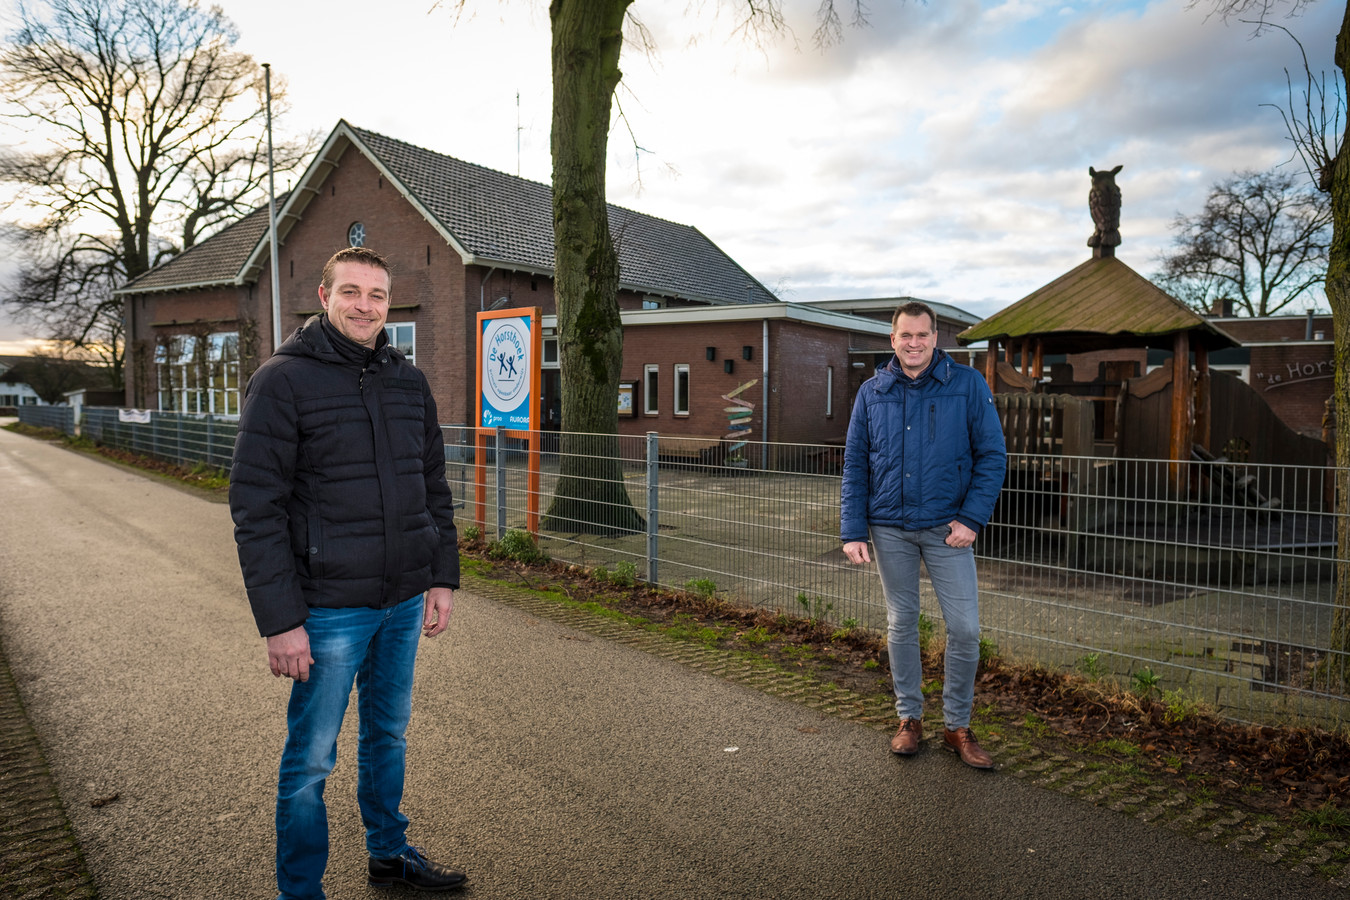 Grote opluchting bij Jos Groothedde (links) en Mark Spikker van de ouderinitiatiefgroep Horsthoekschool. De toekomst van het school is slechts één hamerklap verwijderd van haar voortbestaan.